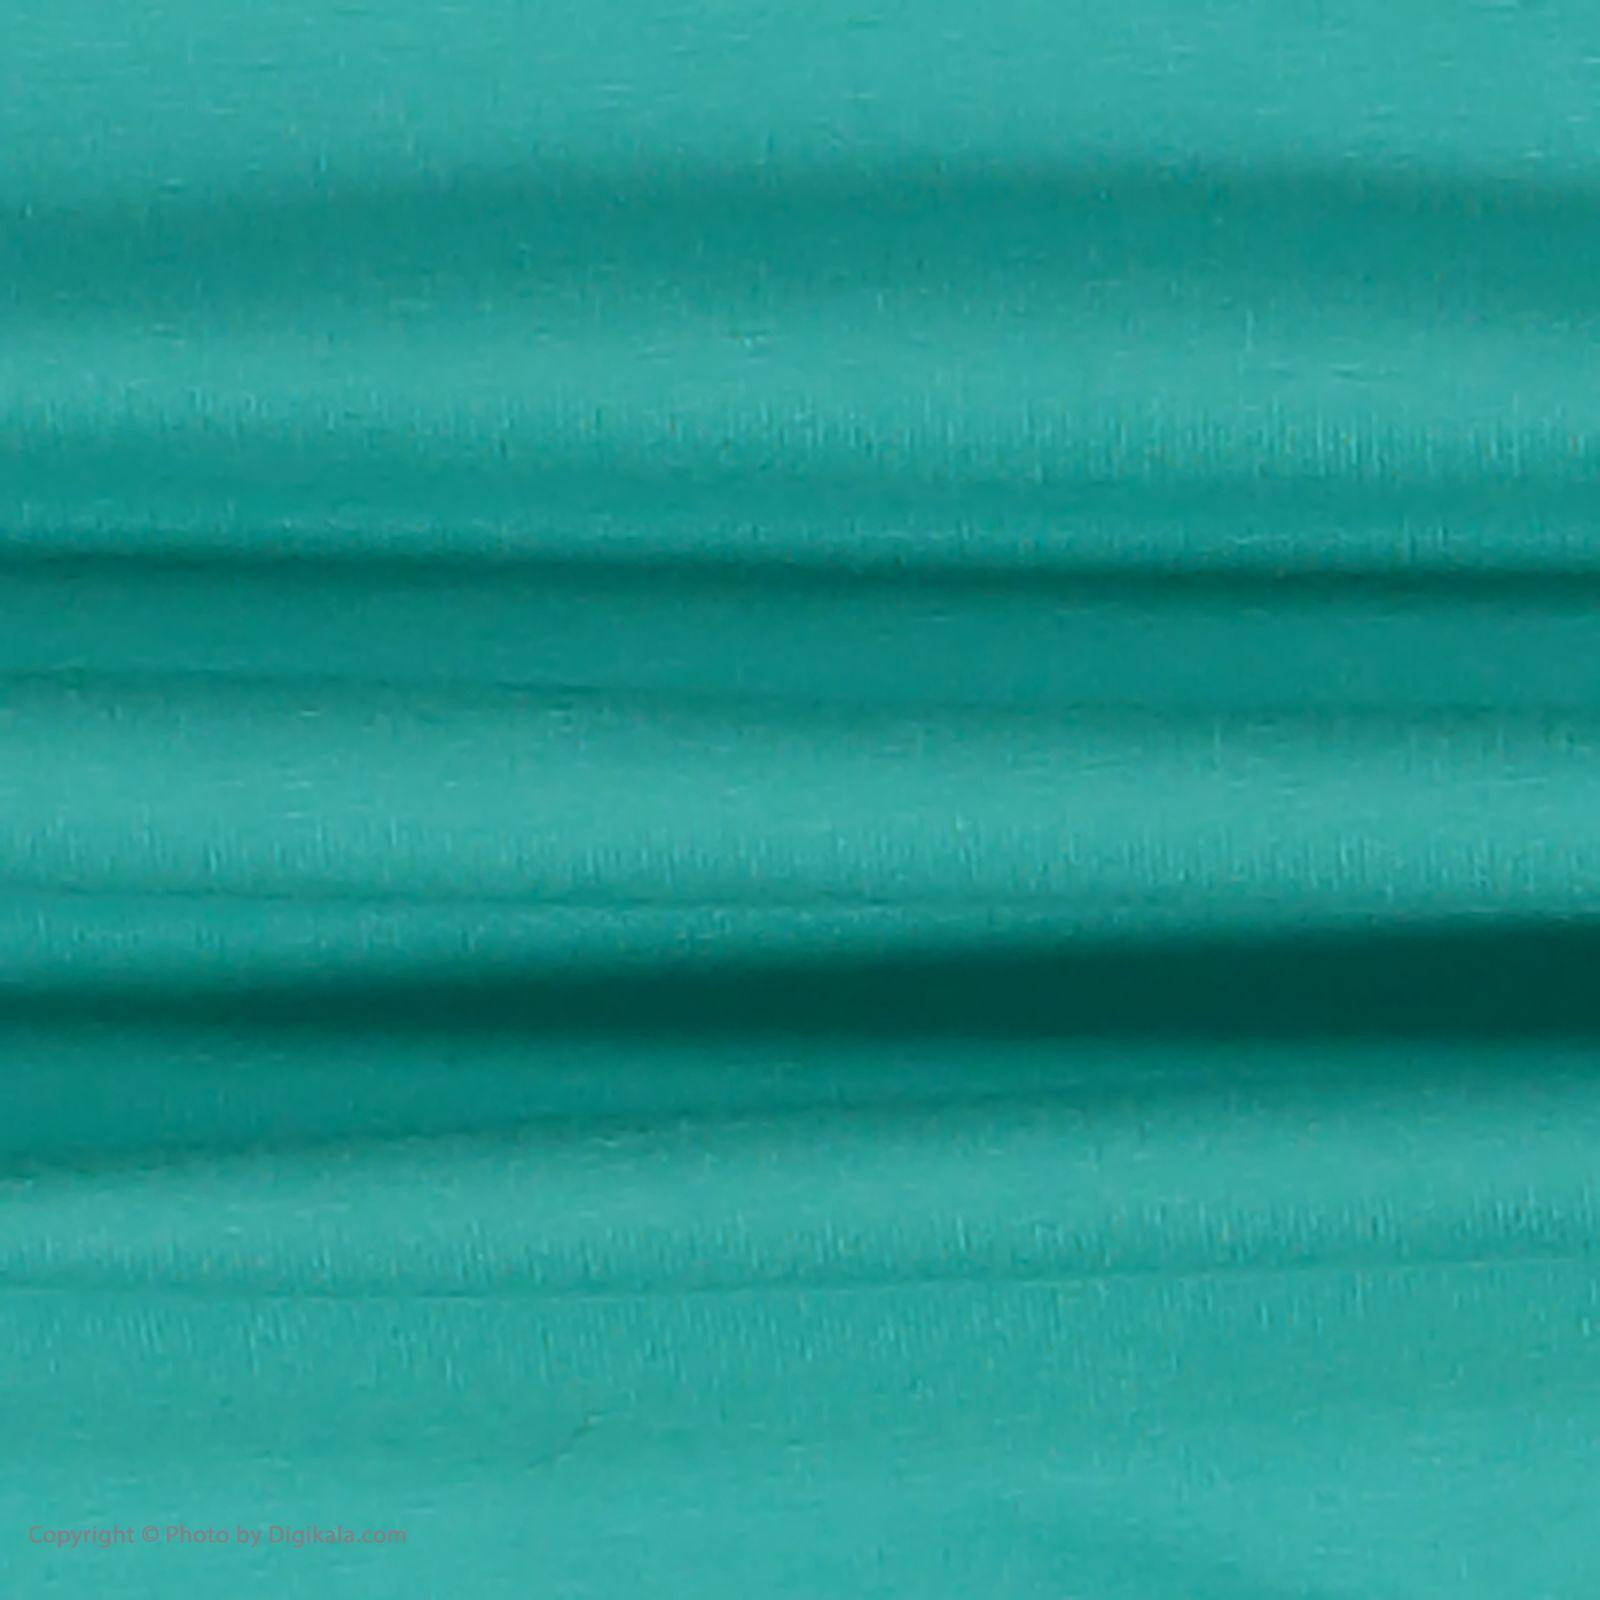 تی شرت دخترانه سون پون مدل 1391361-52 -  - 5